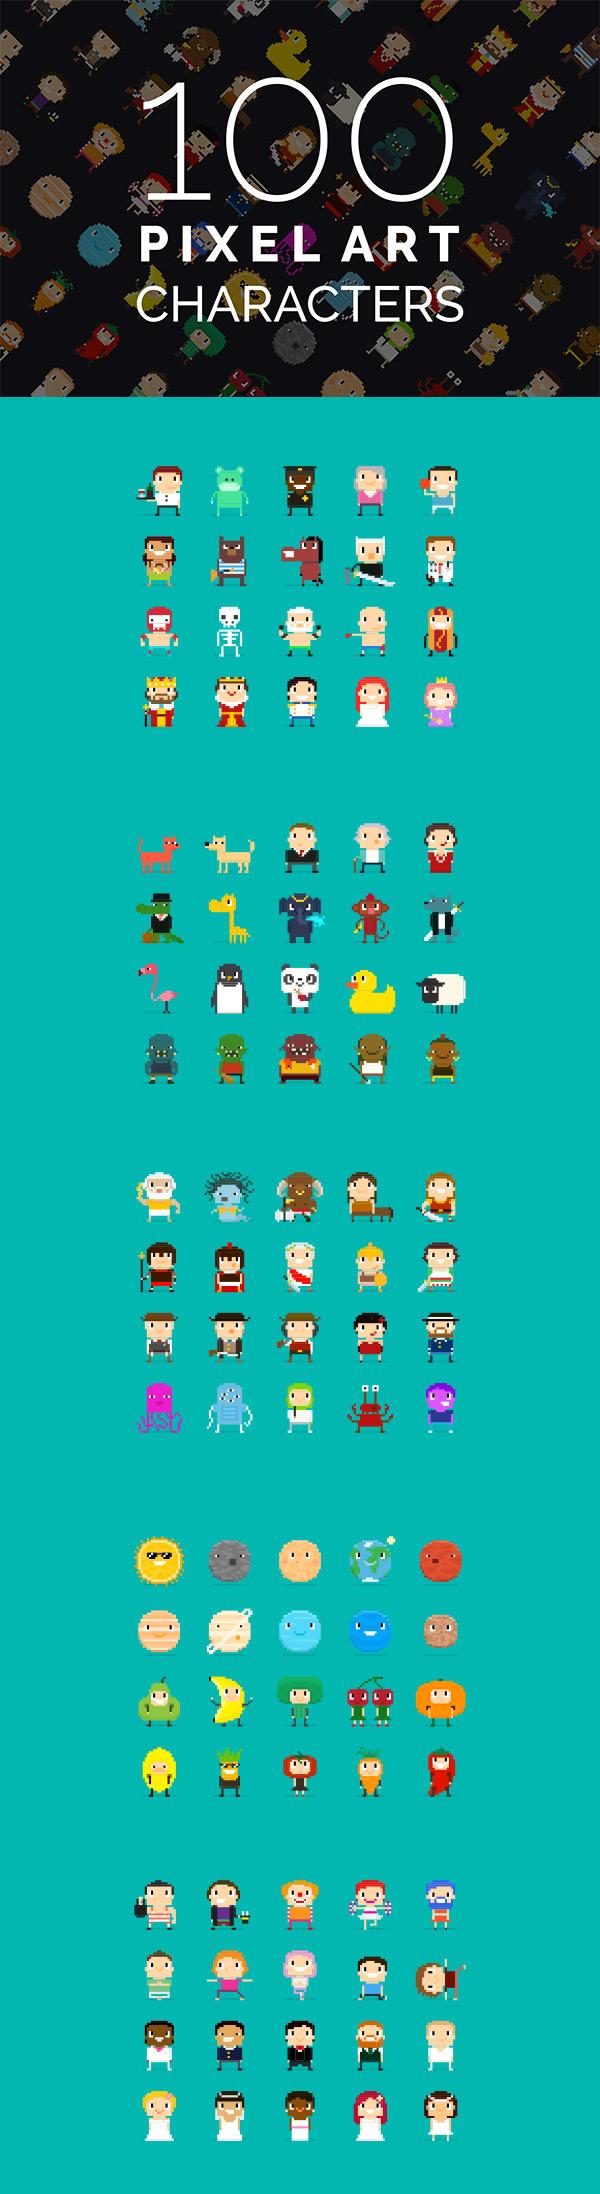 5 点 关键词: 100个卡通像素图标psd分层素材,可爱像素图标,像素人物